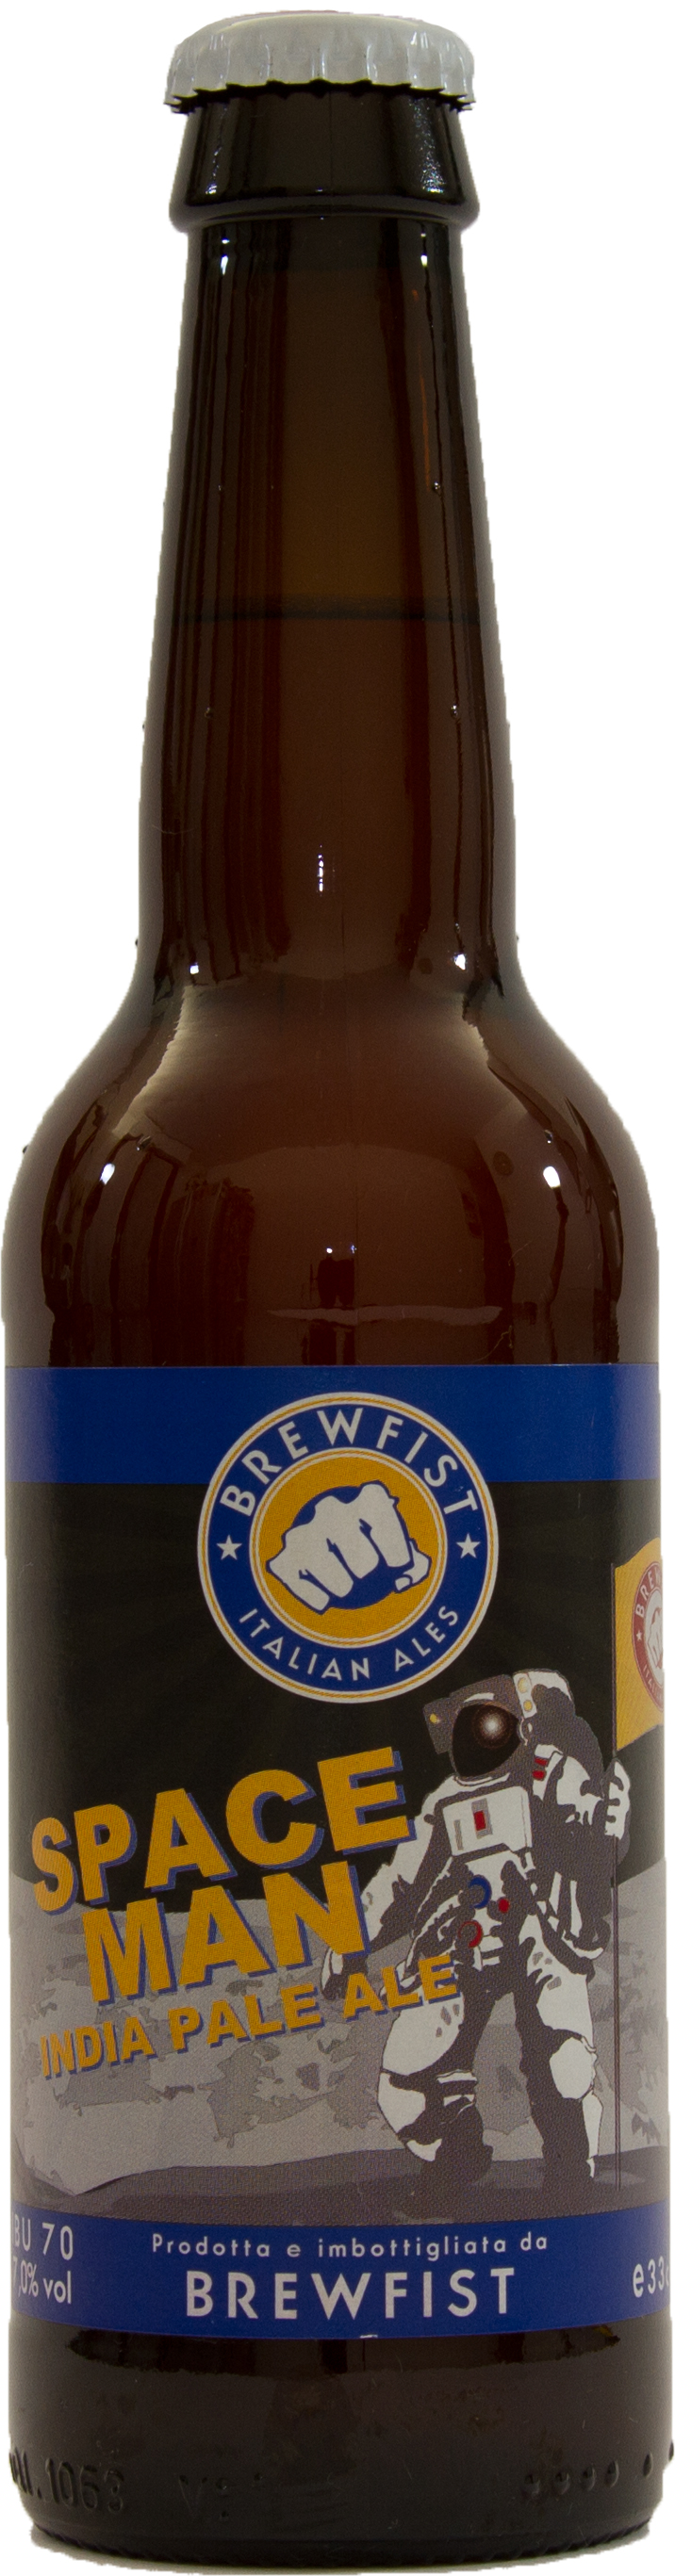 15 birre artigianali per l'estate